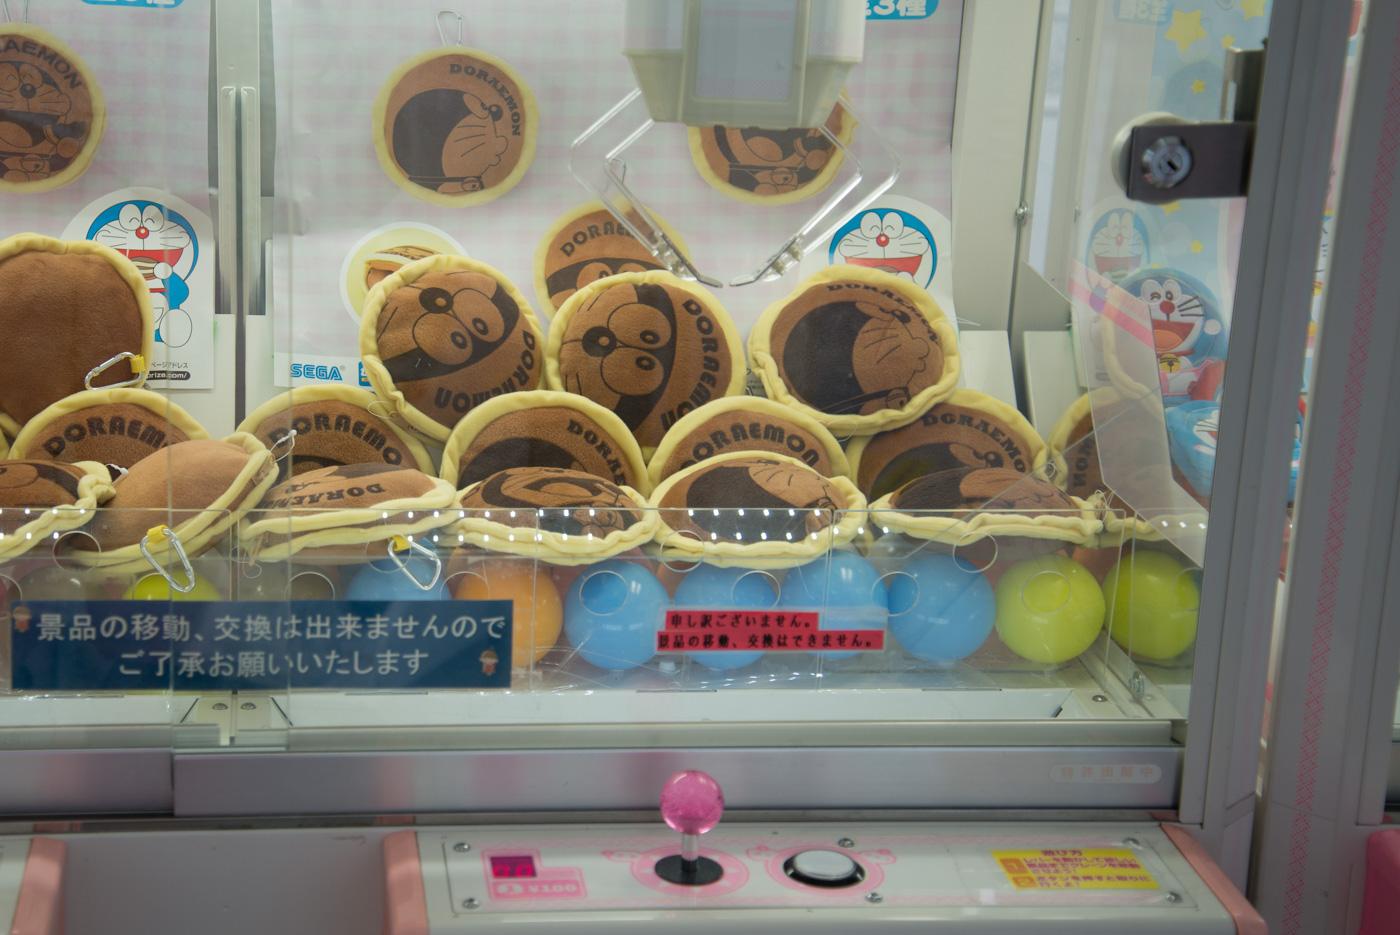 テレビ朝日本社1F、ドラえもんがプリントされたどら焼き